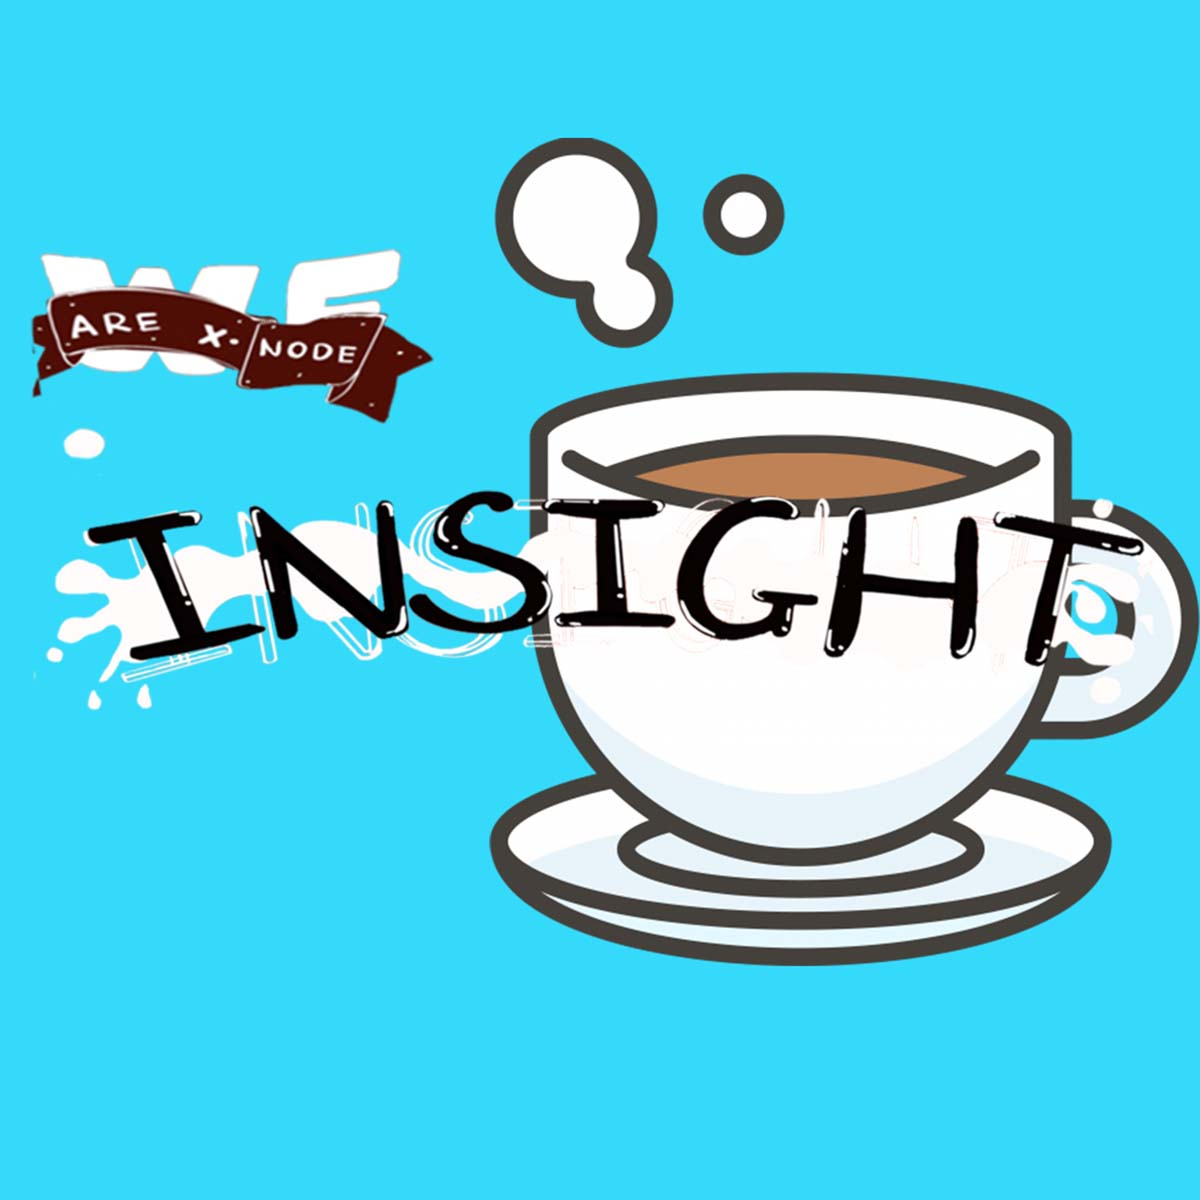 咖啡行业大火背后隐藏的故事